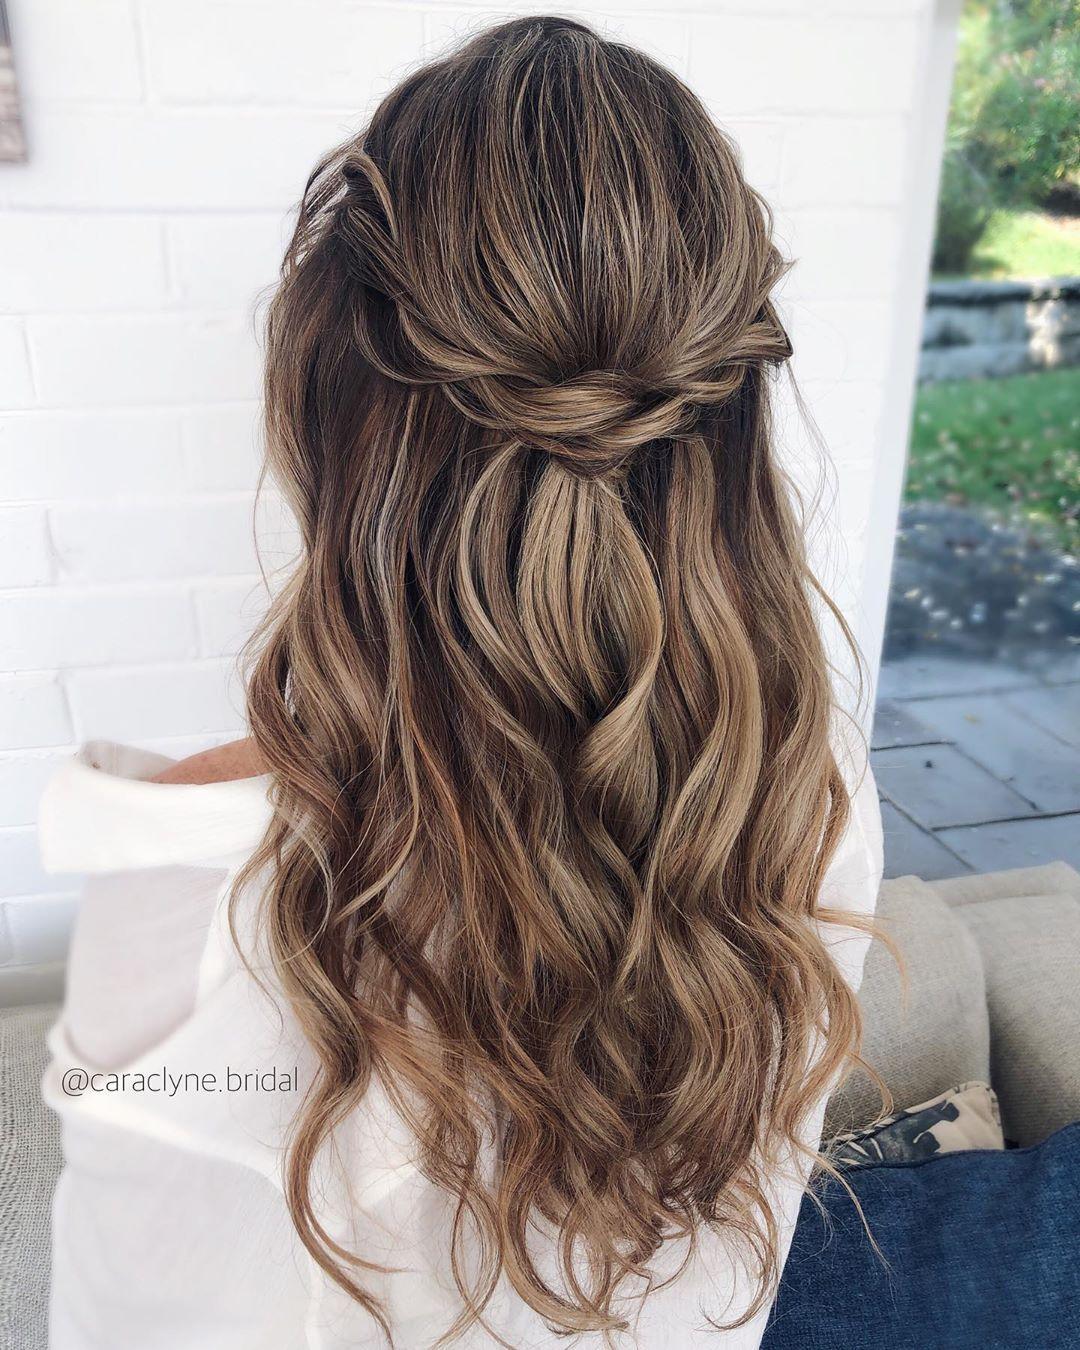 Sydney Hairstylist Hair Coach On Instagram Questions Time First Of All This Was My In 2020 Frisur Hochgesteckt Hochsteckfrisur Hochzeitsfrisuren Lange Haare